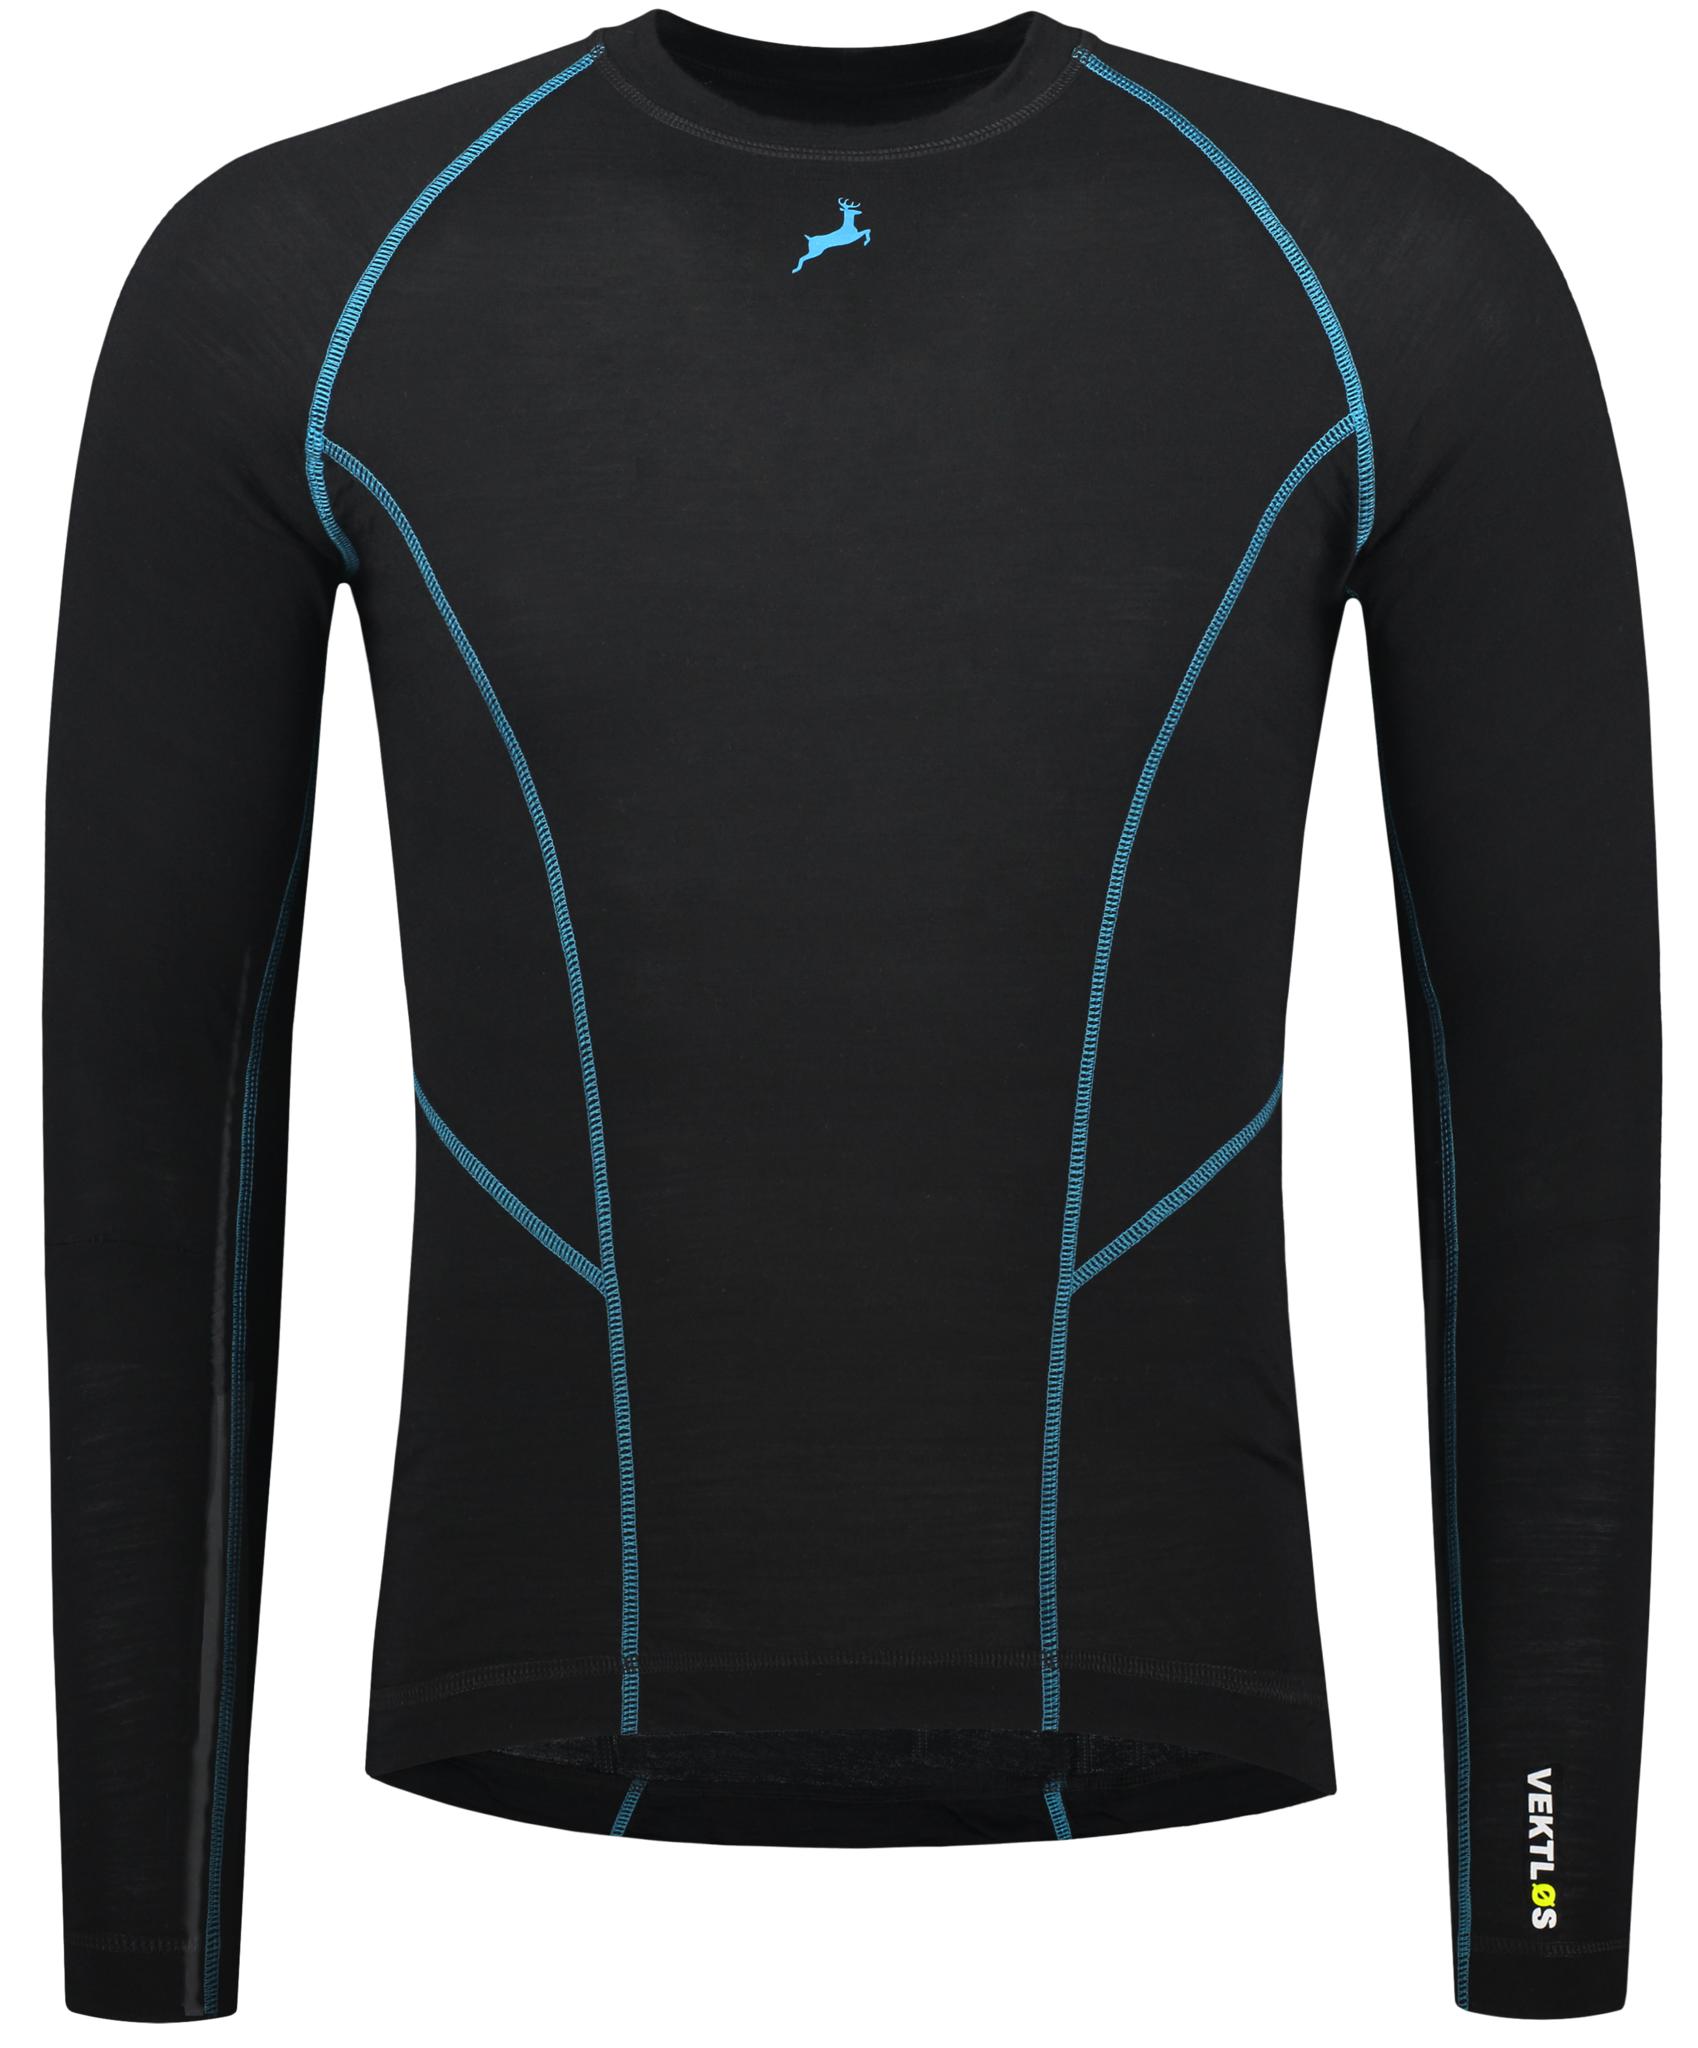 Merino wol thermoshirt - Zwart en Blauw | Mannen-1